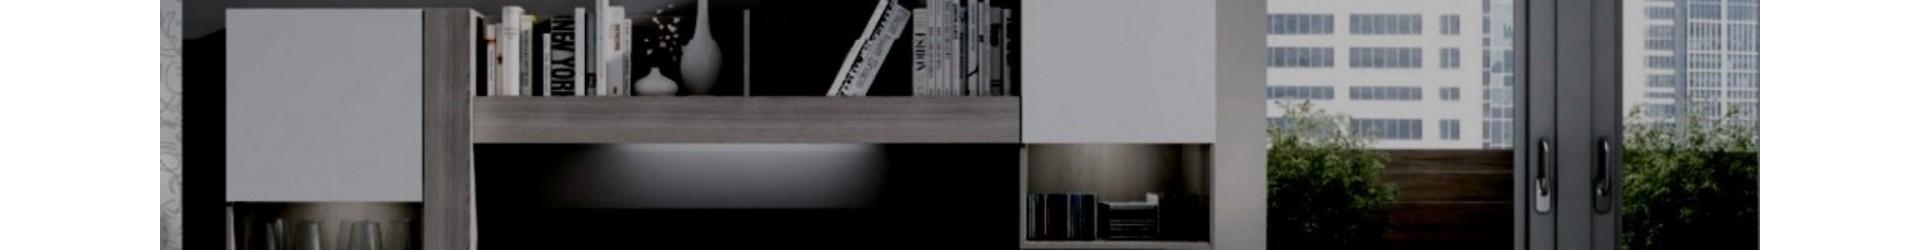 Soggiorni Moderni: Il salotto moderno perfetto. Arreda